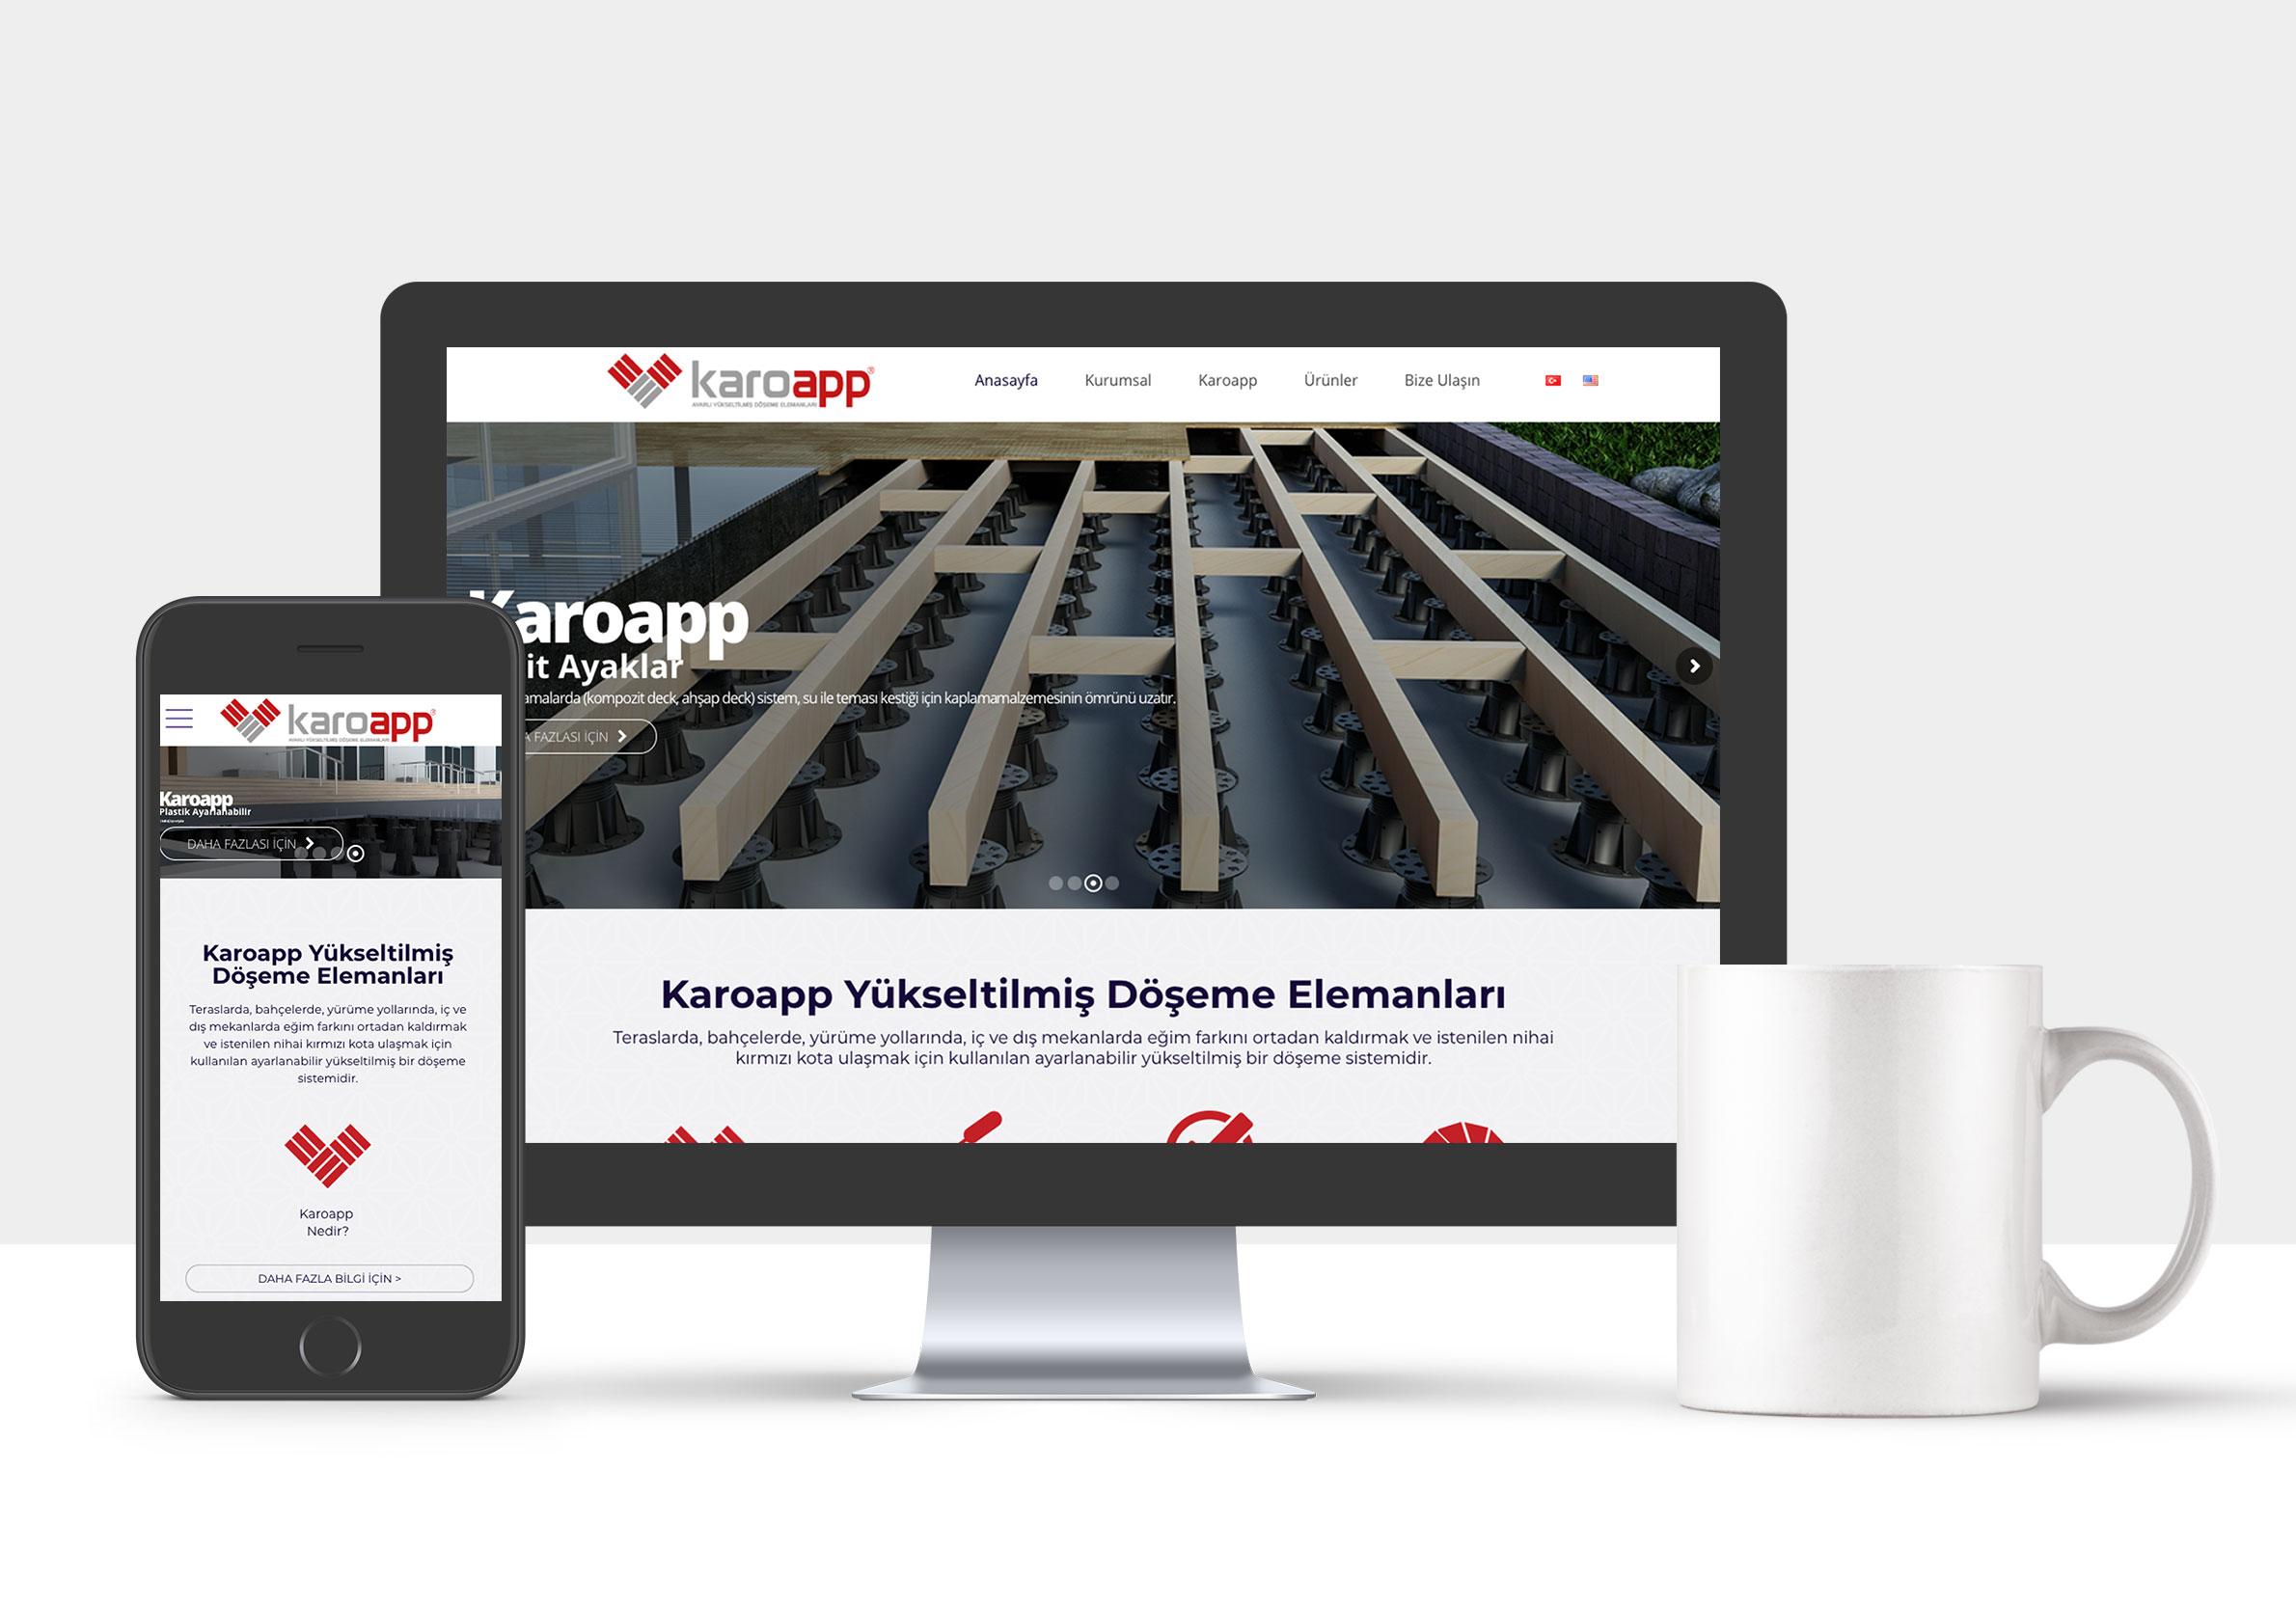 karoapp-kurumsal-web-tasarim